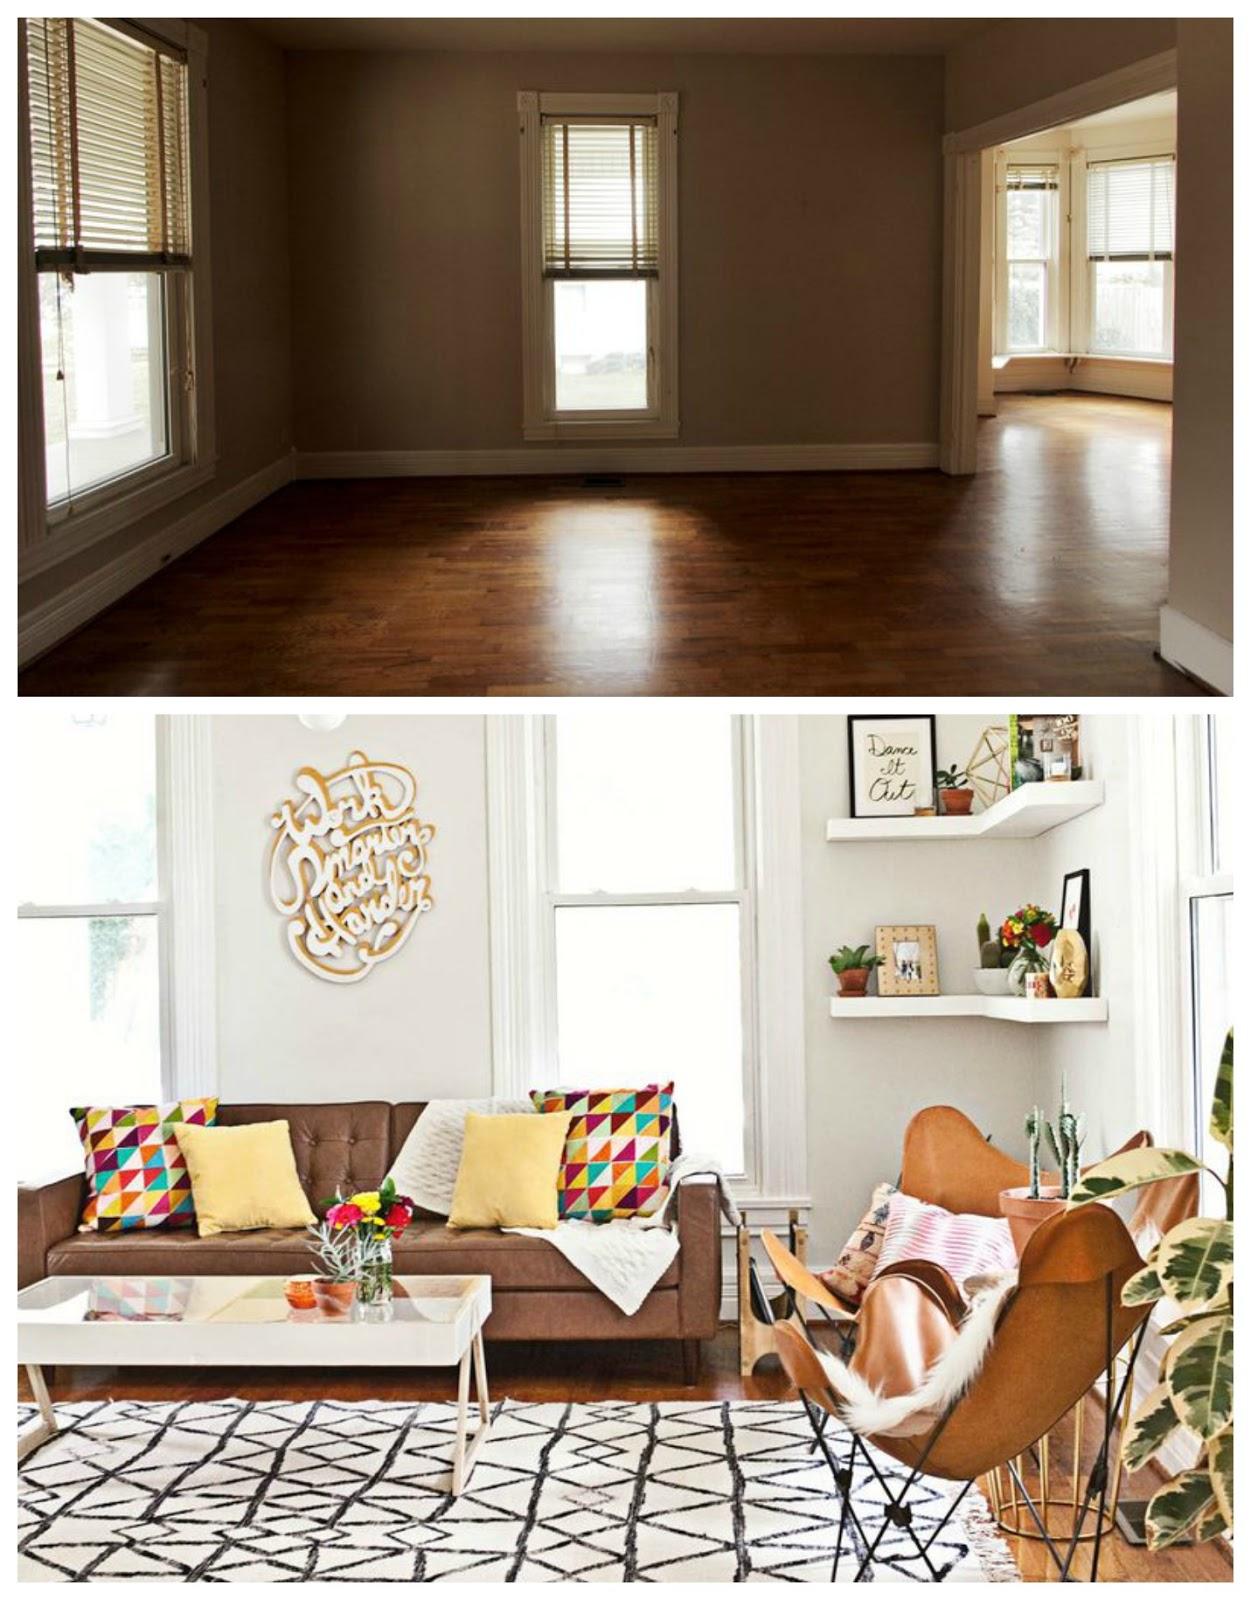 Un sal n decorado con mucho gusto acot o dec blog de decoraci n - Blog decoracion salones ...